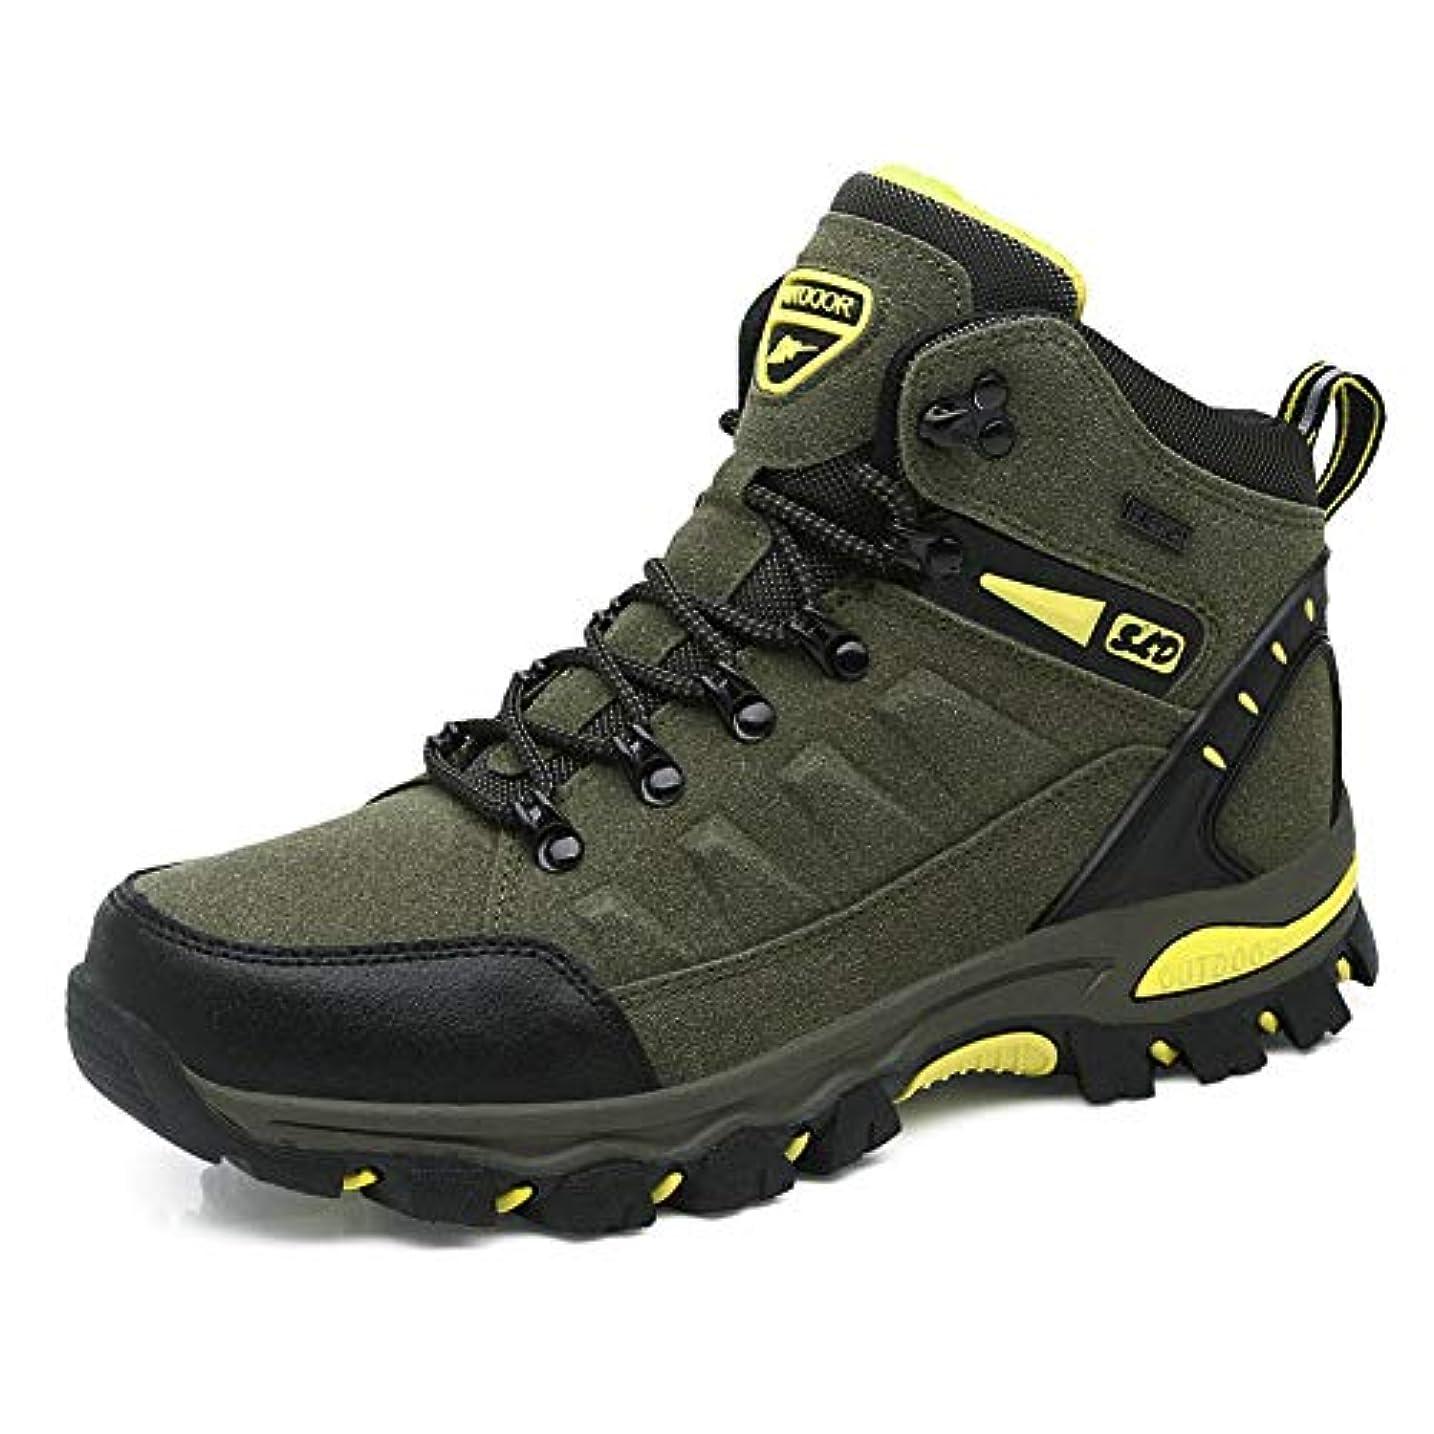 聖域欠かせない彫る[TcIFE] トレッキングシューズ メンズ 防水 防滑 ハイカット 登山靴 大きいサイズ ハイキングシューズ メンズ 耐磨耗 ハイキングシューズ メンズ 通気性 スニーカー